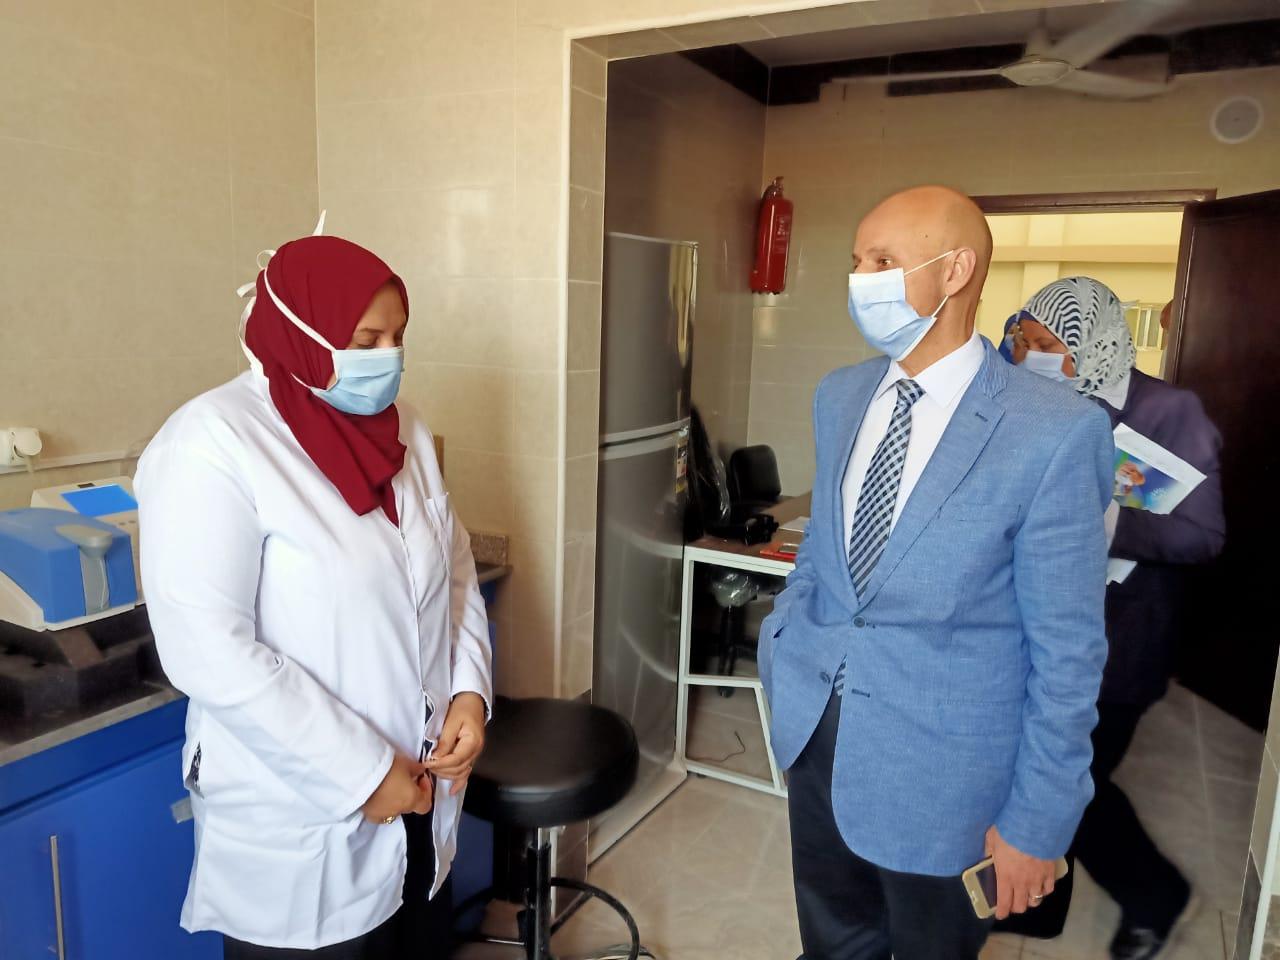 وكيل صحة الشرقية يتفقد المركز الطبى للعزل بالعاشر من رمضان (4)